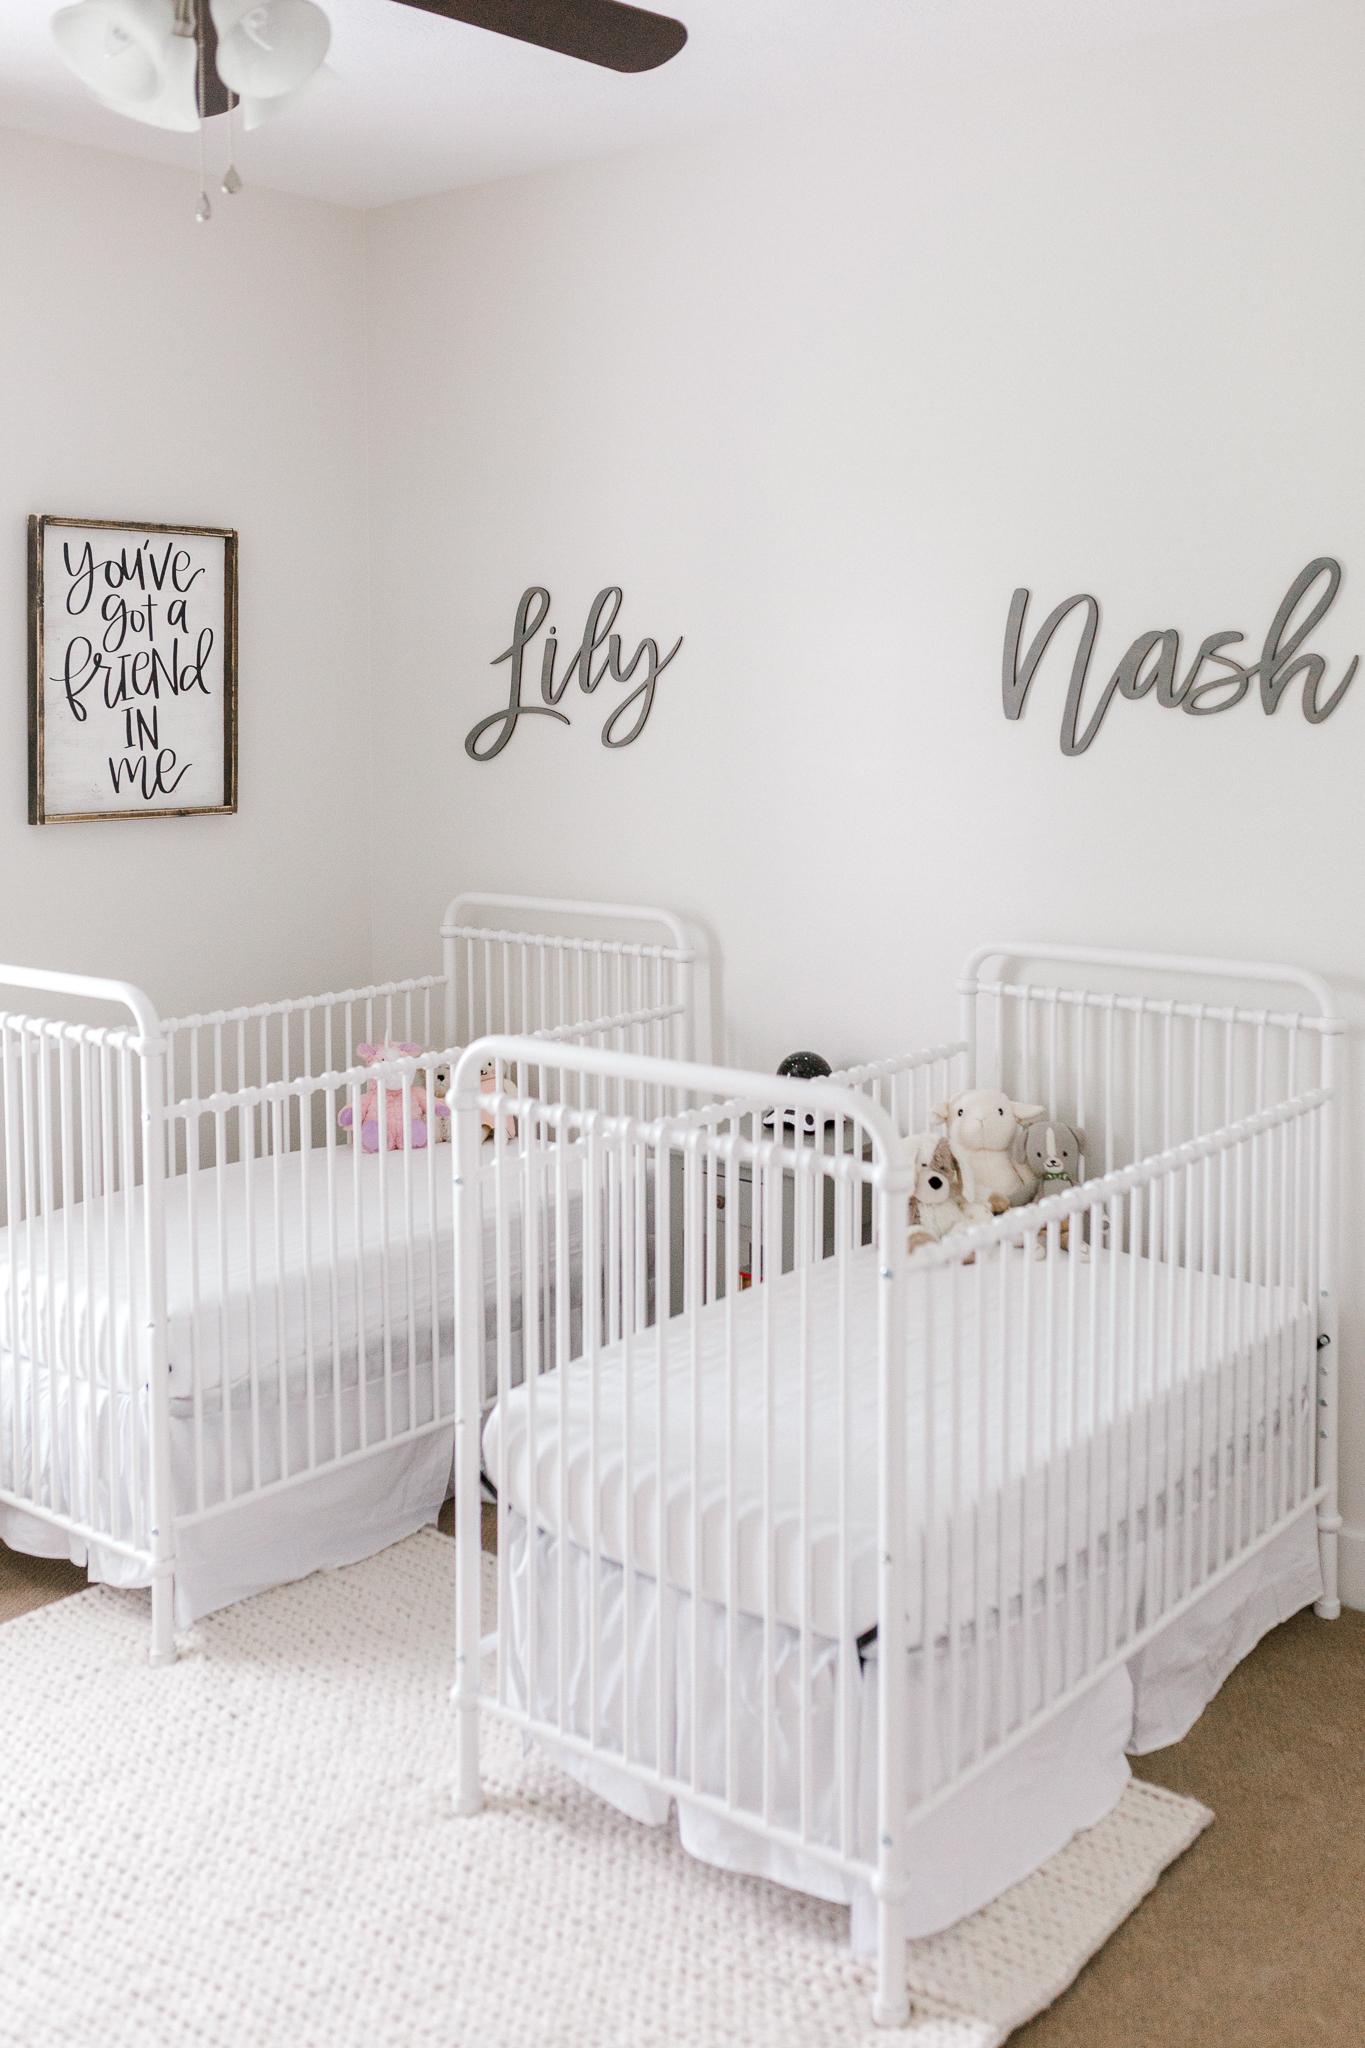 Lily and Nash Newborns-5.jpg